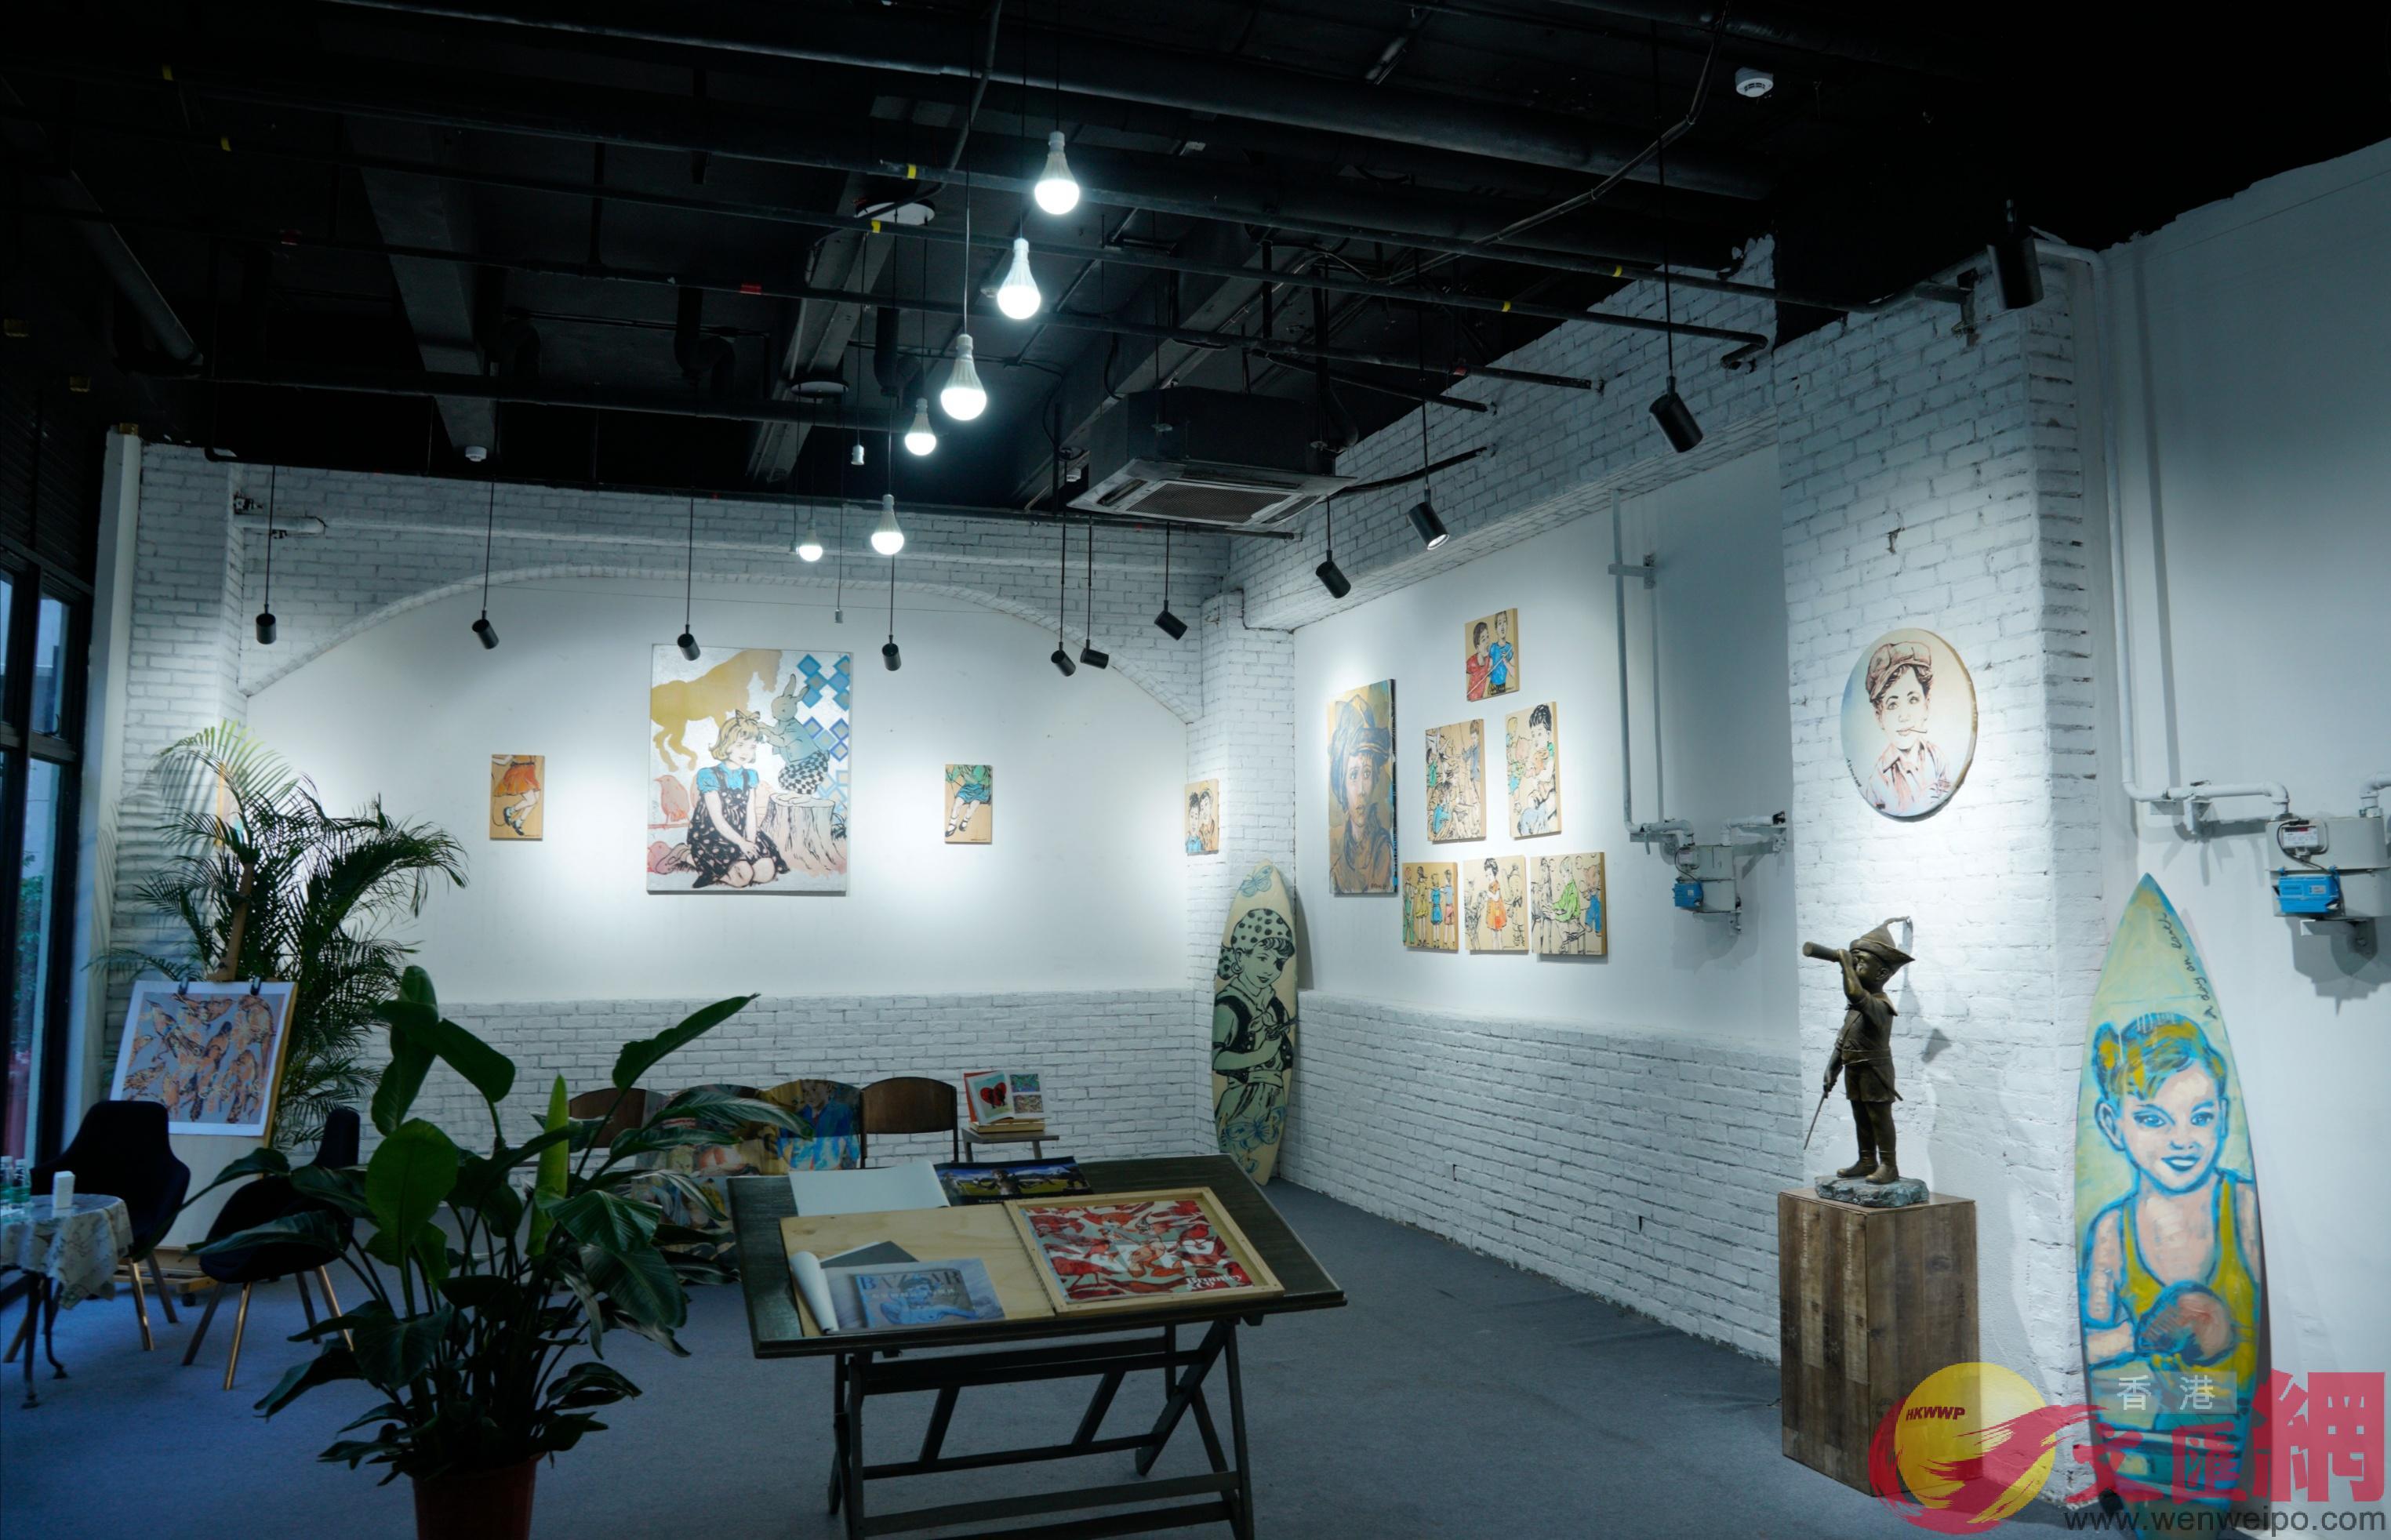 90後海歸大灣區建「咖啡+畫廊」公益藝術空間 澳洲特色展品增跨界文化交流